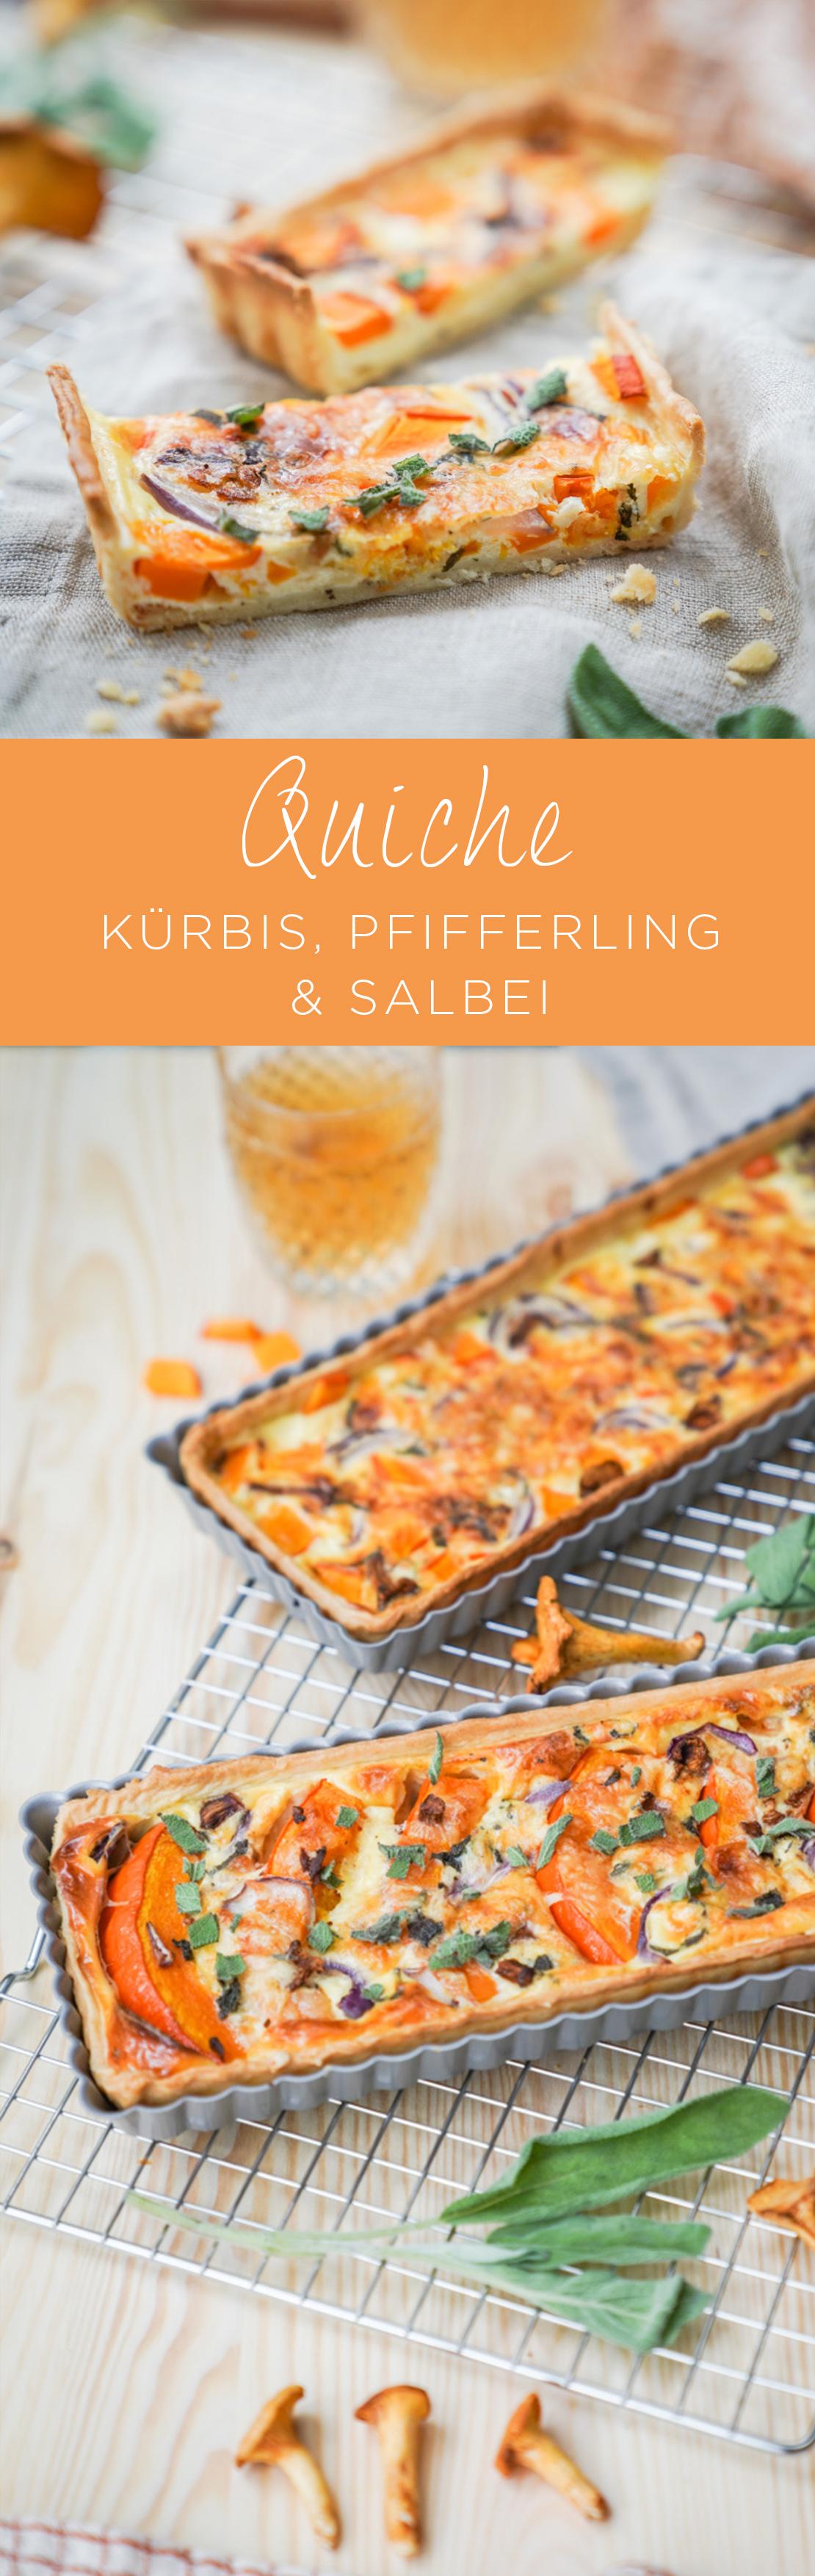 Herbst Quiche als Kürbisquiche mit Pfifferlingen und Salbei. Ein schnelles und einfaches Quiche Rezept findet ihr jetzt auf dem Blog | Ichsowirso.de